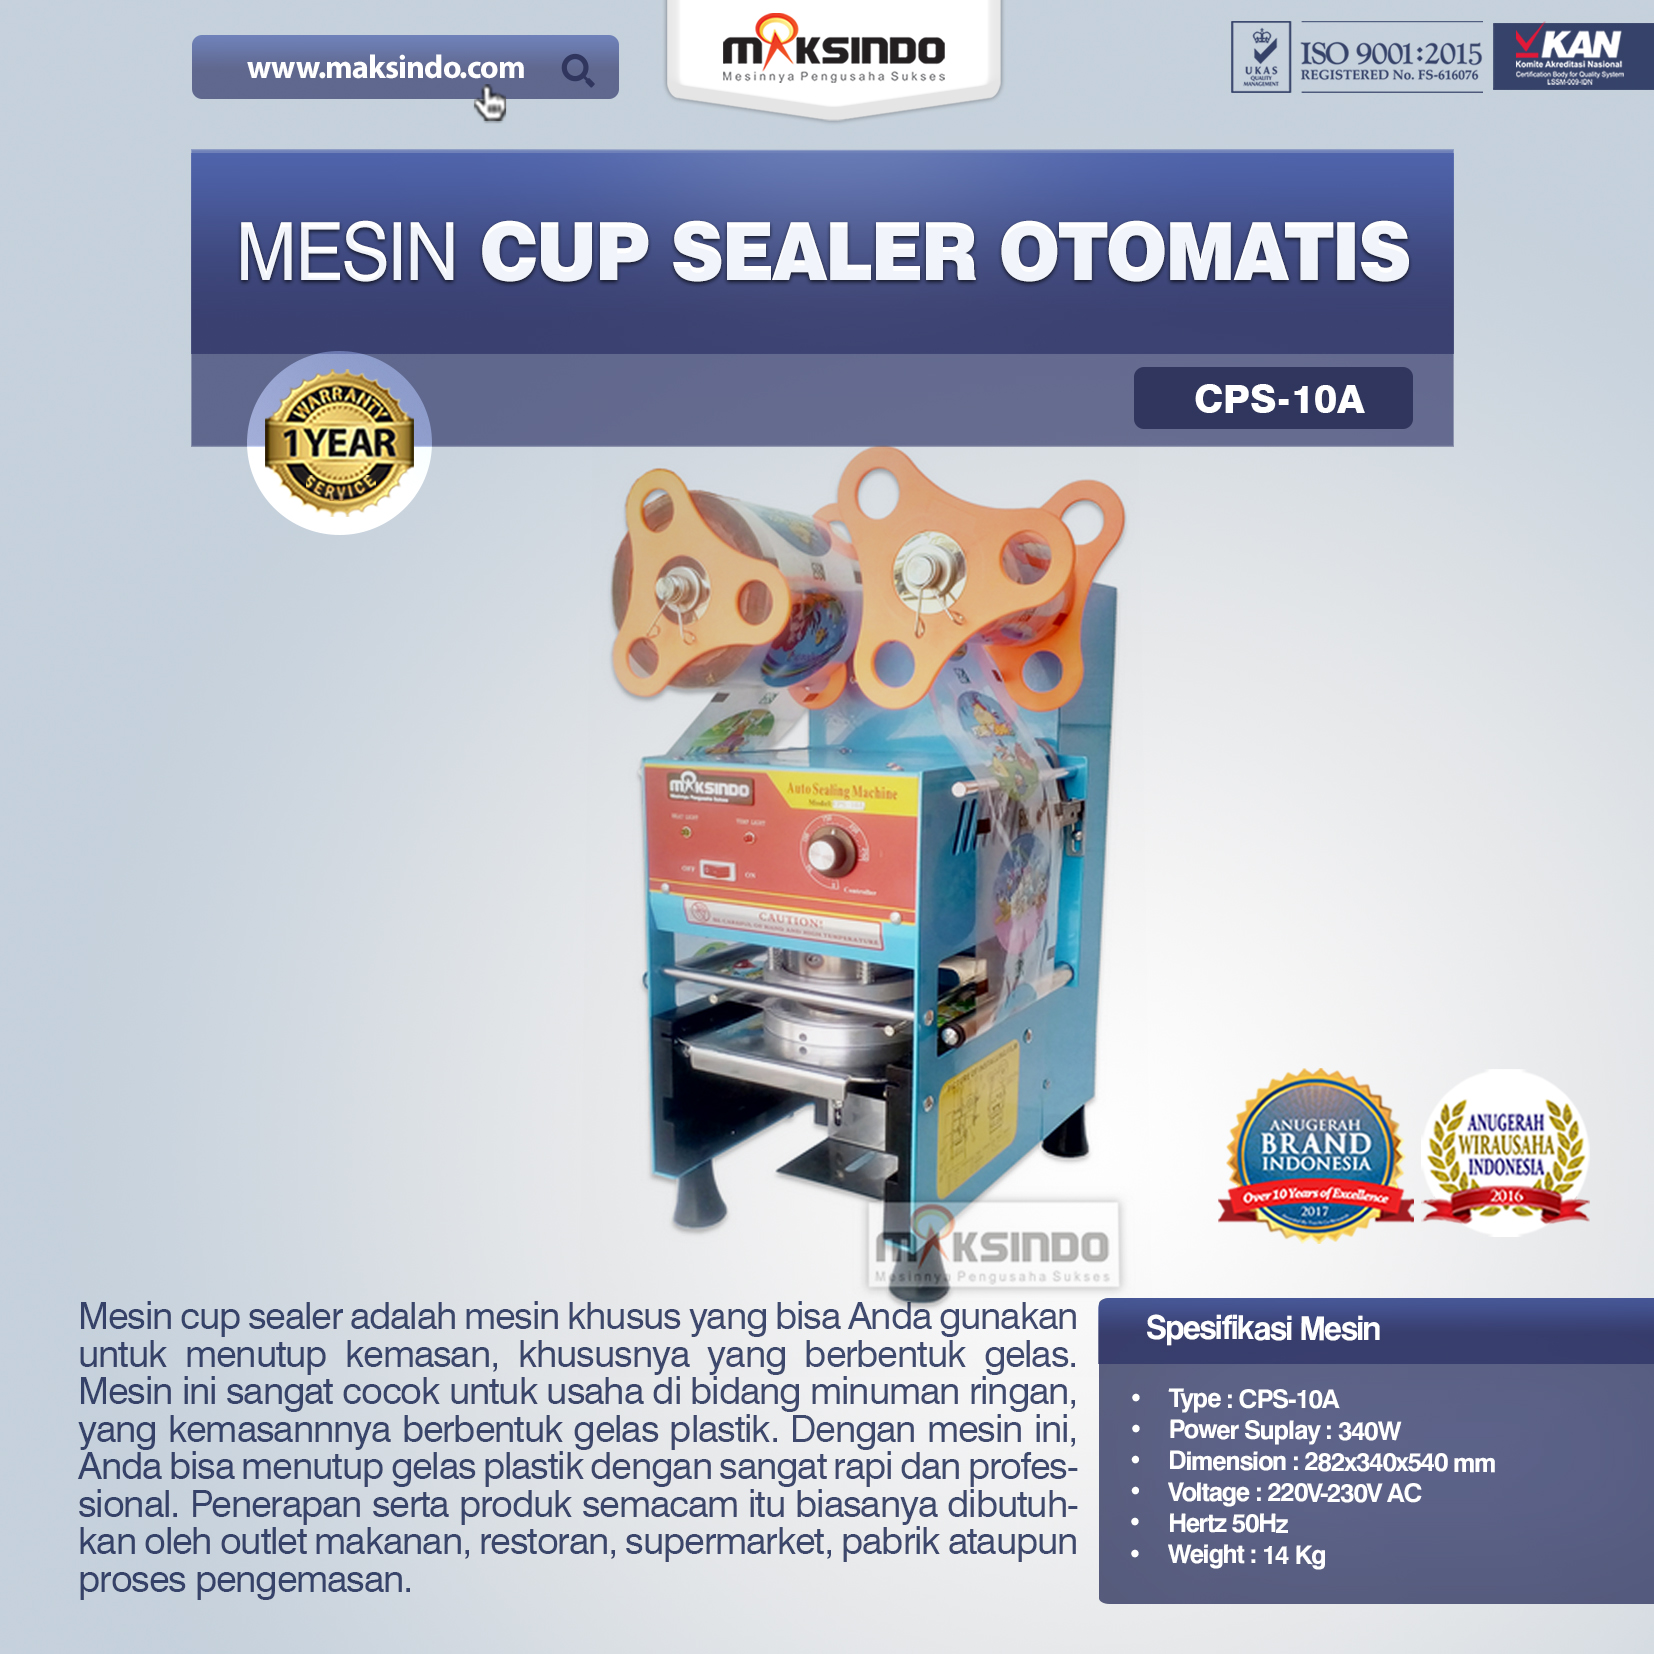 Jual Mesin Cup Sealer Otomatis (CPS-10A) di Bekasi